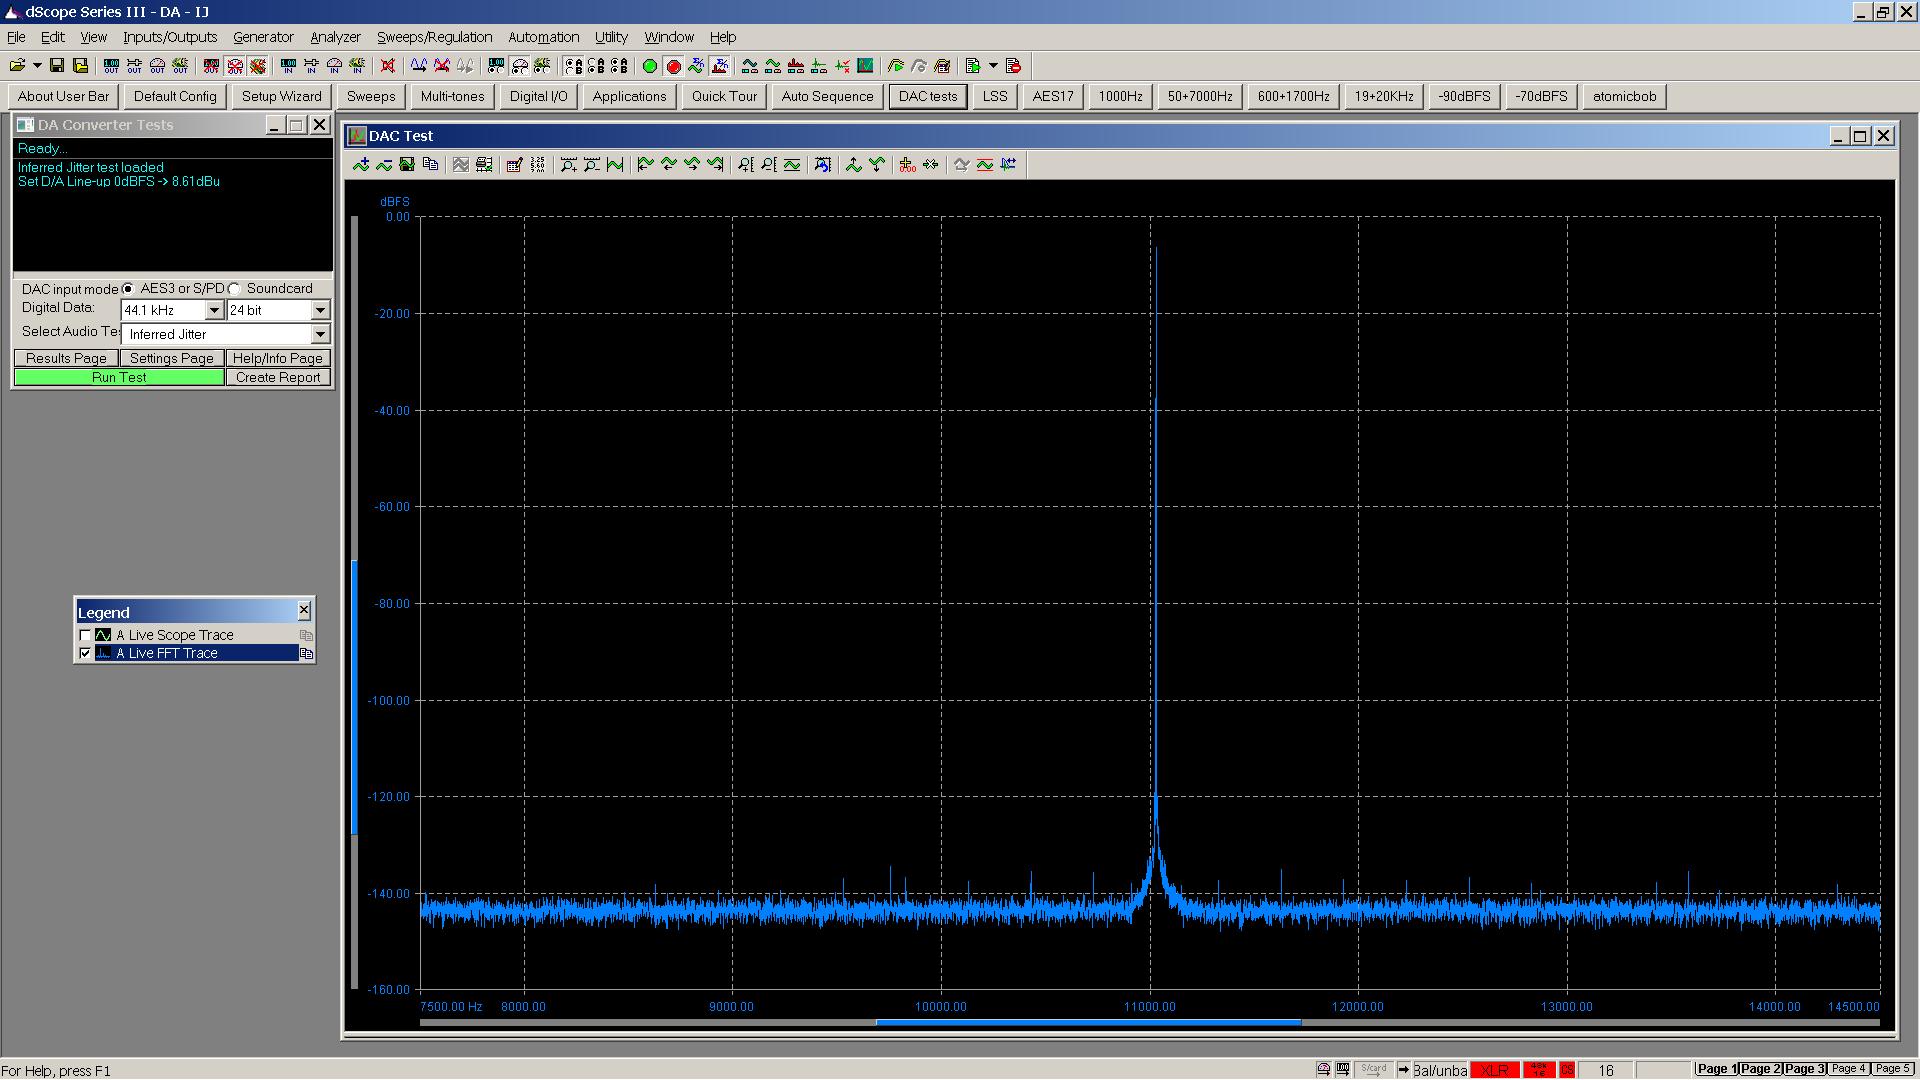 20180708-09 Modi MB SE inferred jitter - 7 KHz BW - spdif.PNG